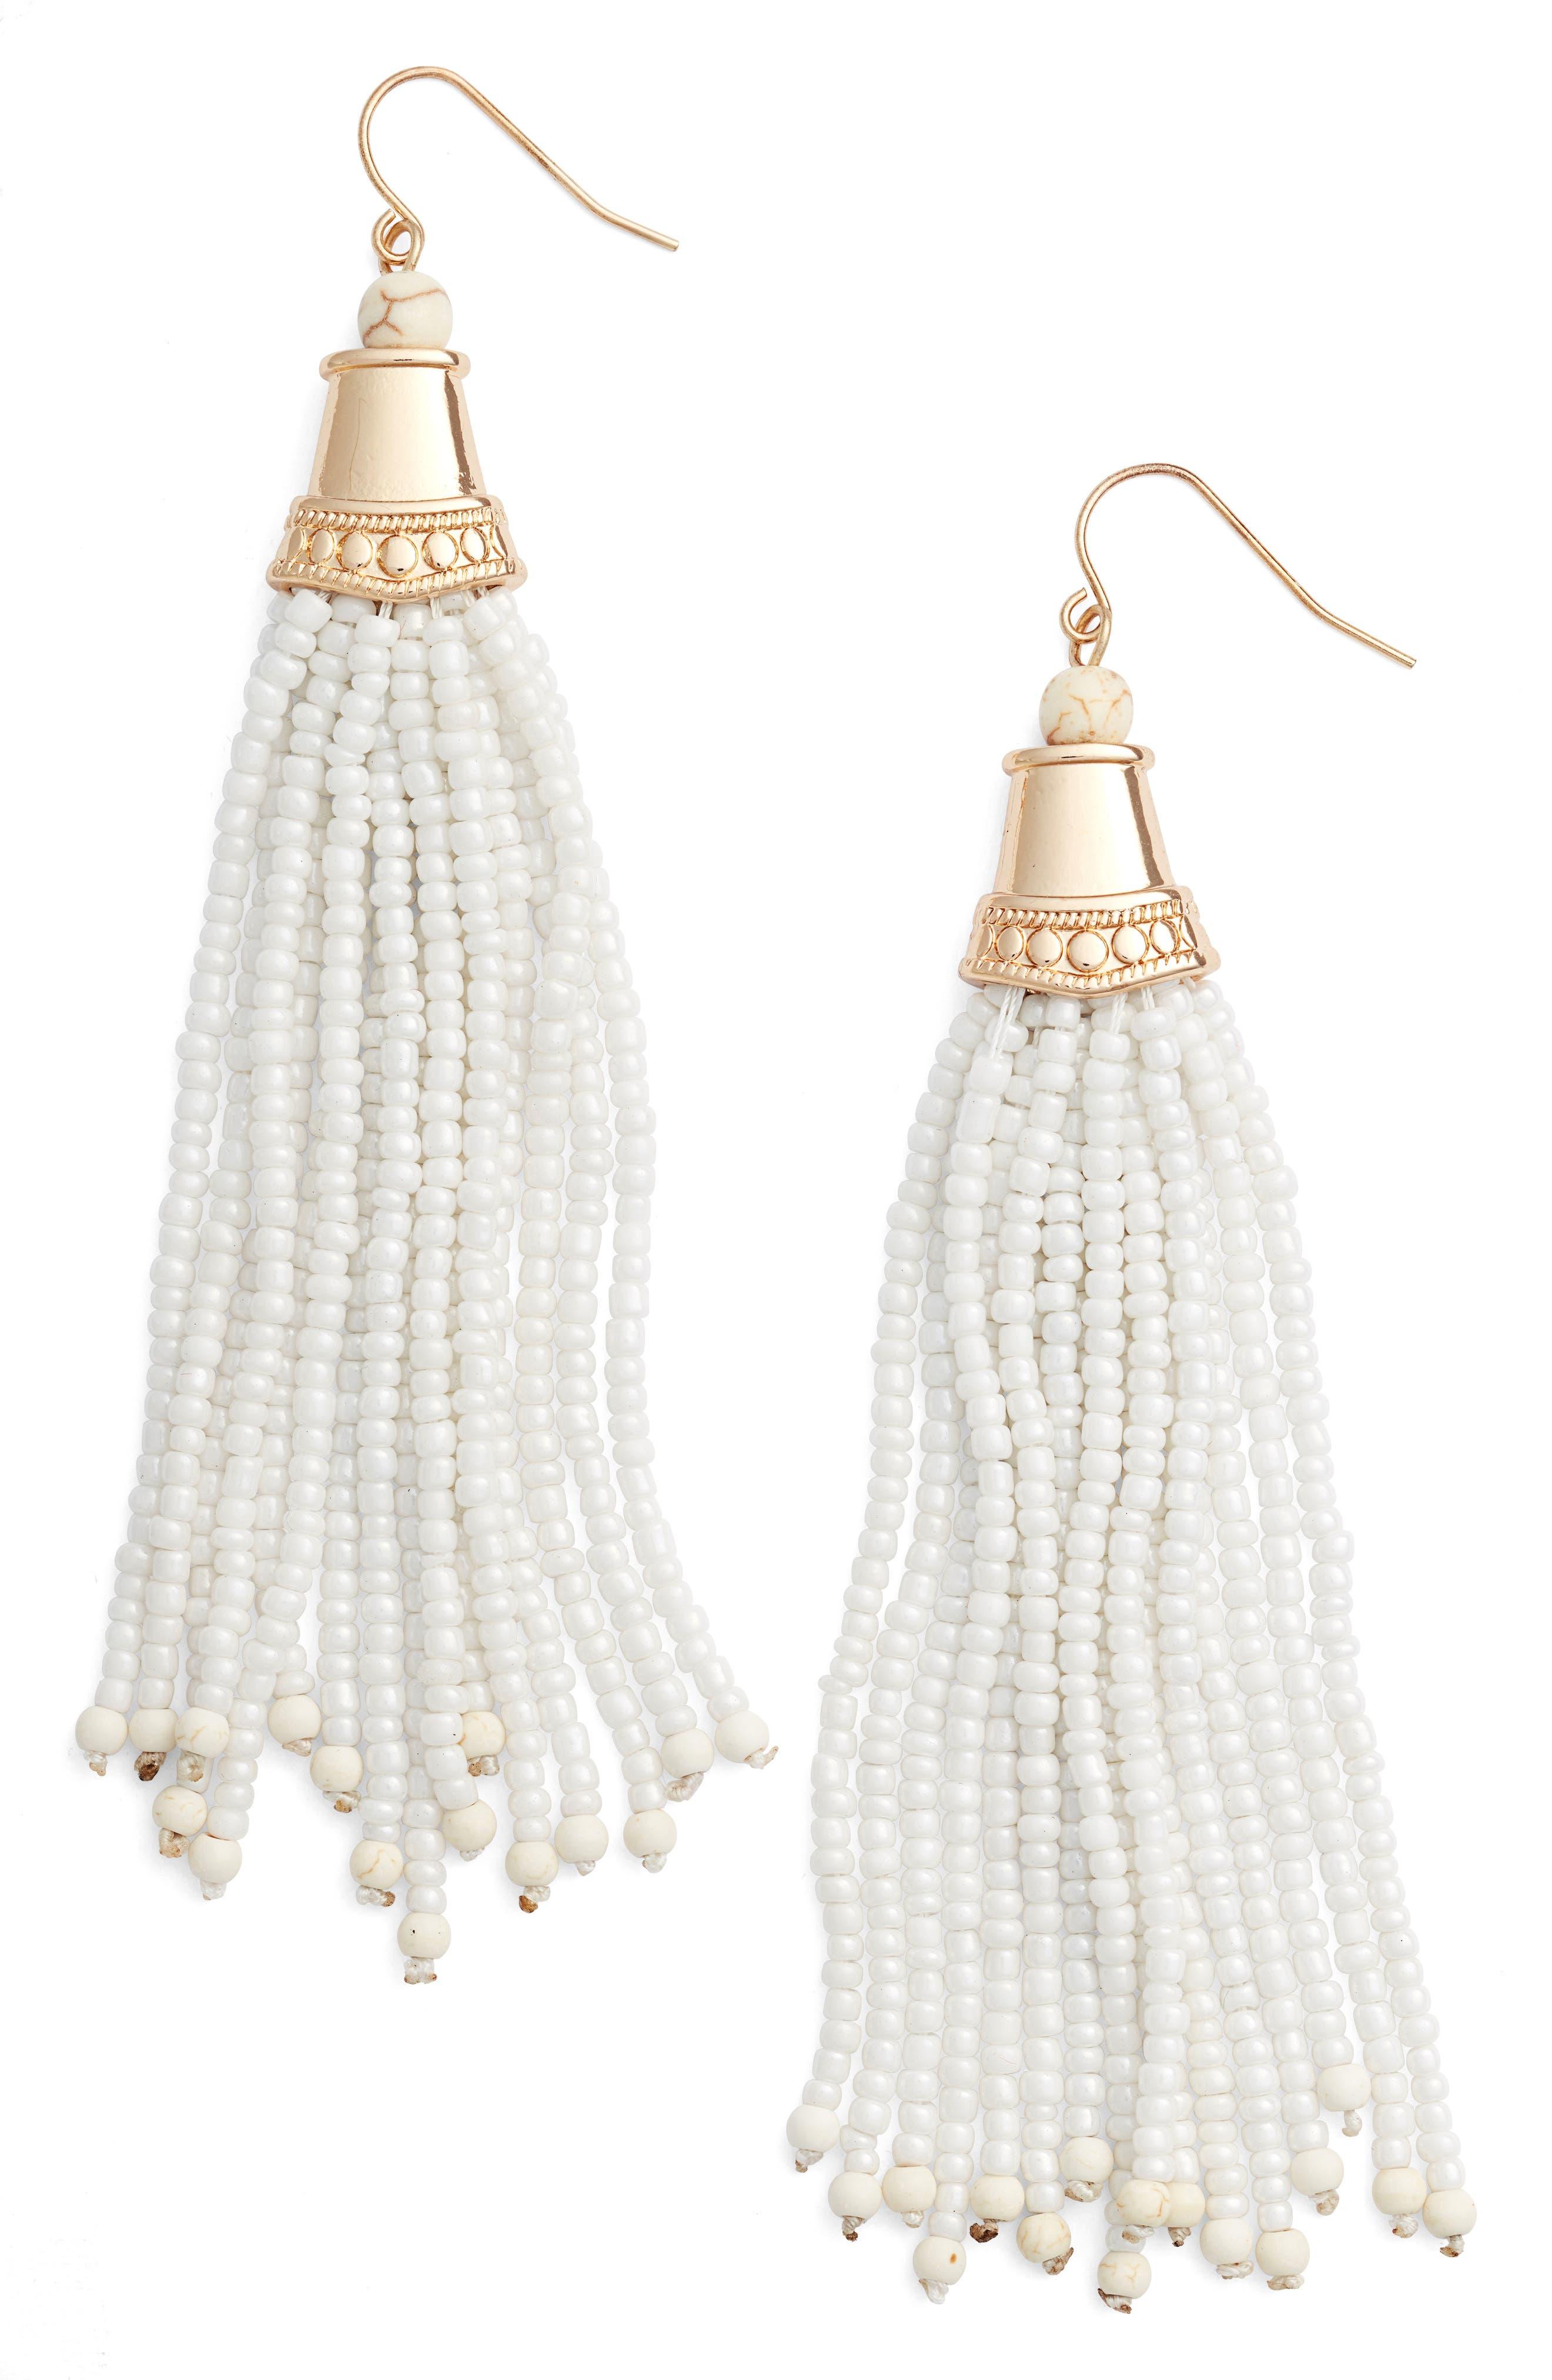 ADIA KIBUR Beaded Tassel Earrings, White